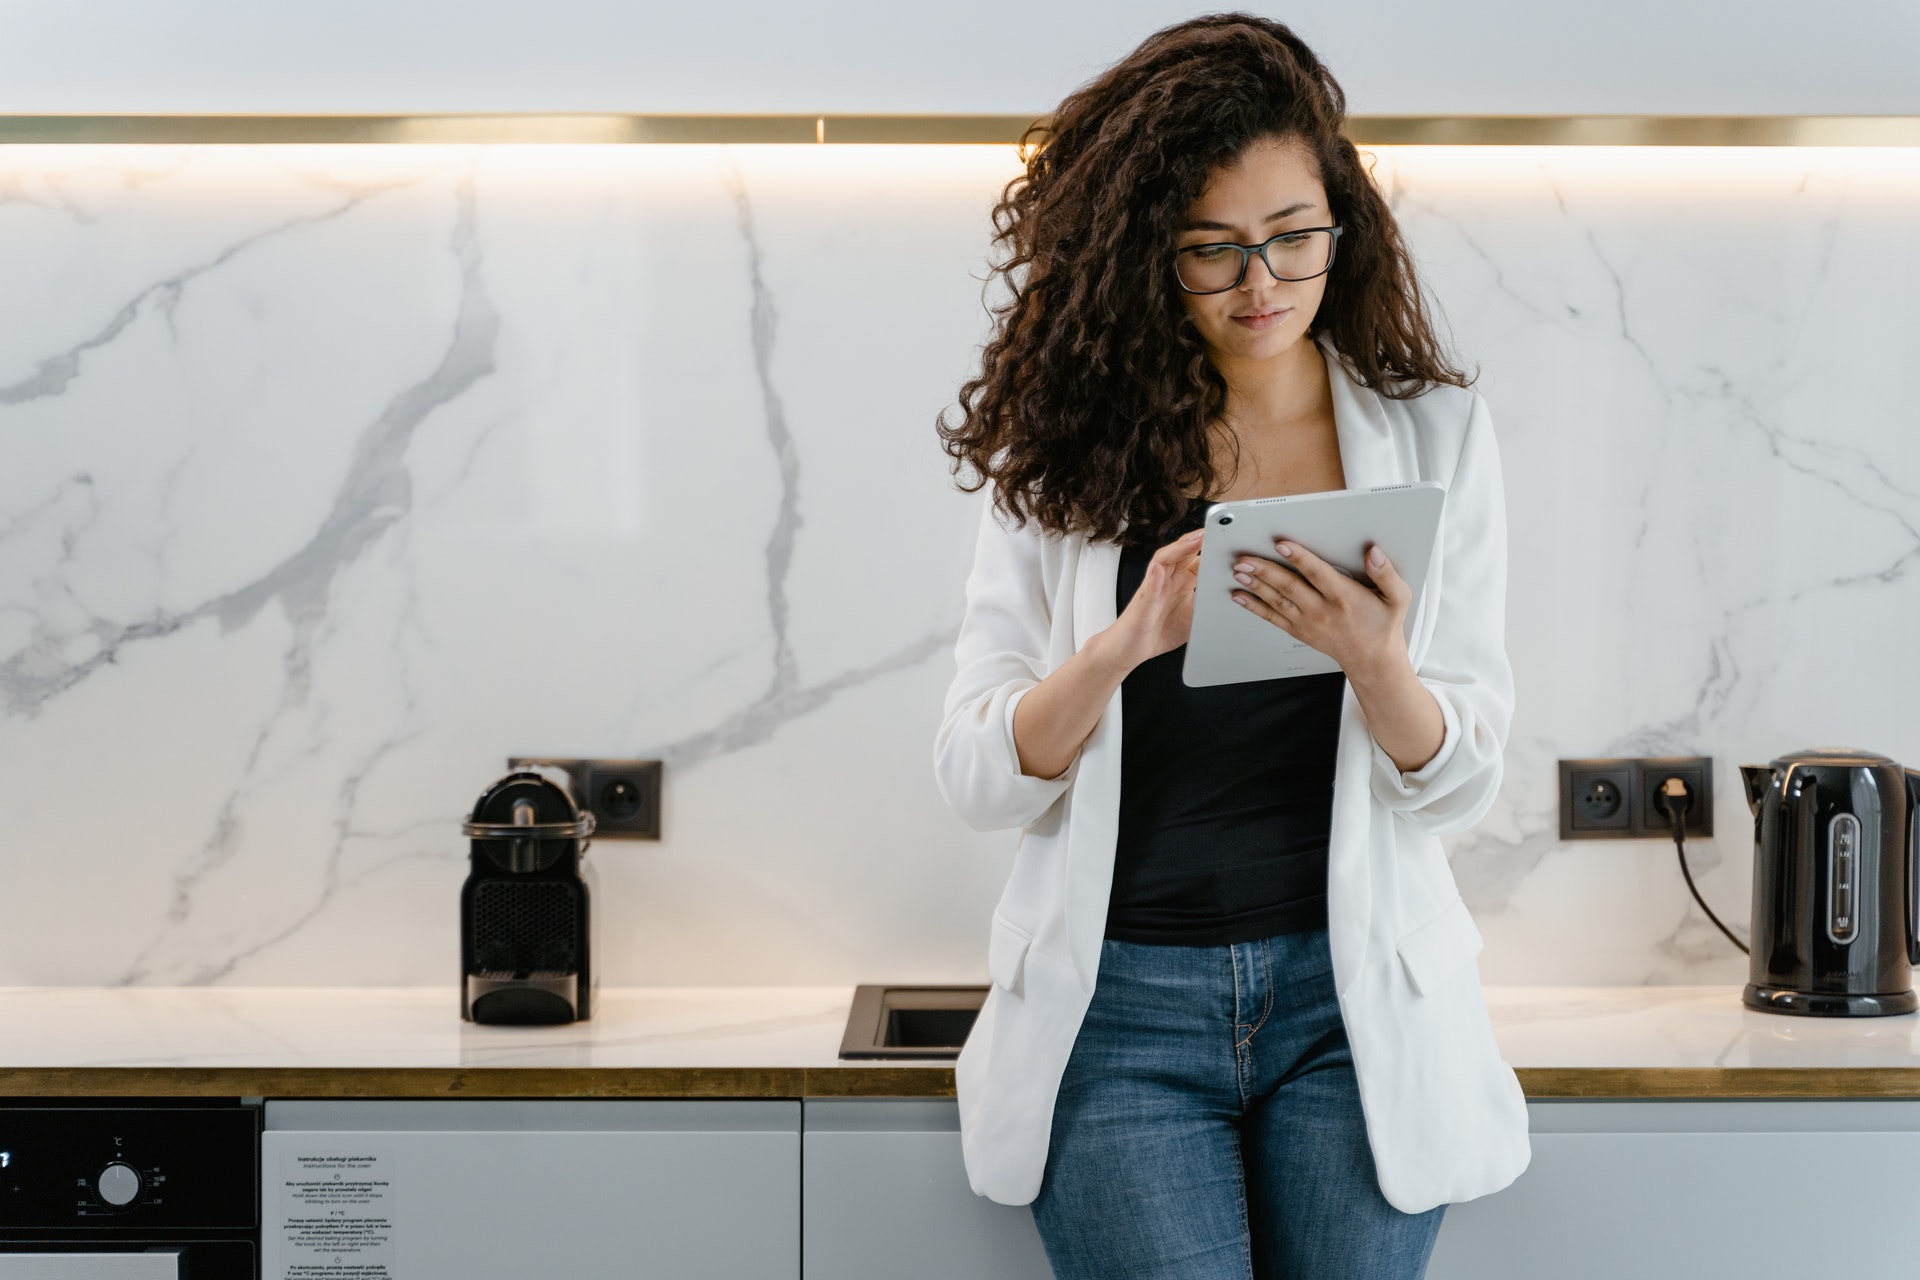 Digitālā terapija: Nākotnes risinājums medicīnas aprūpē